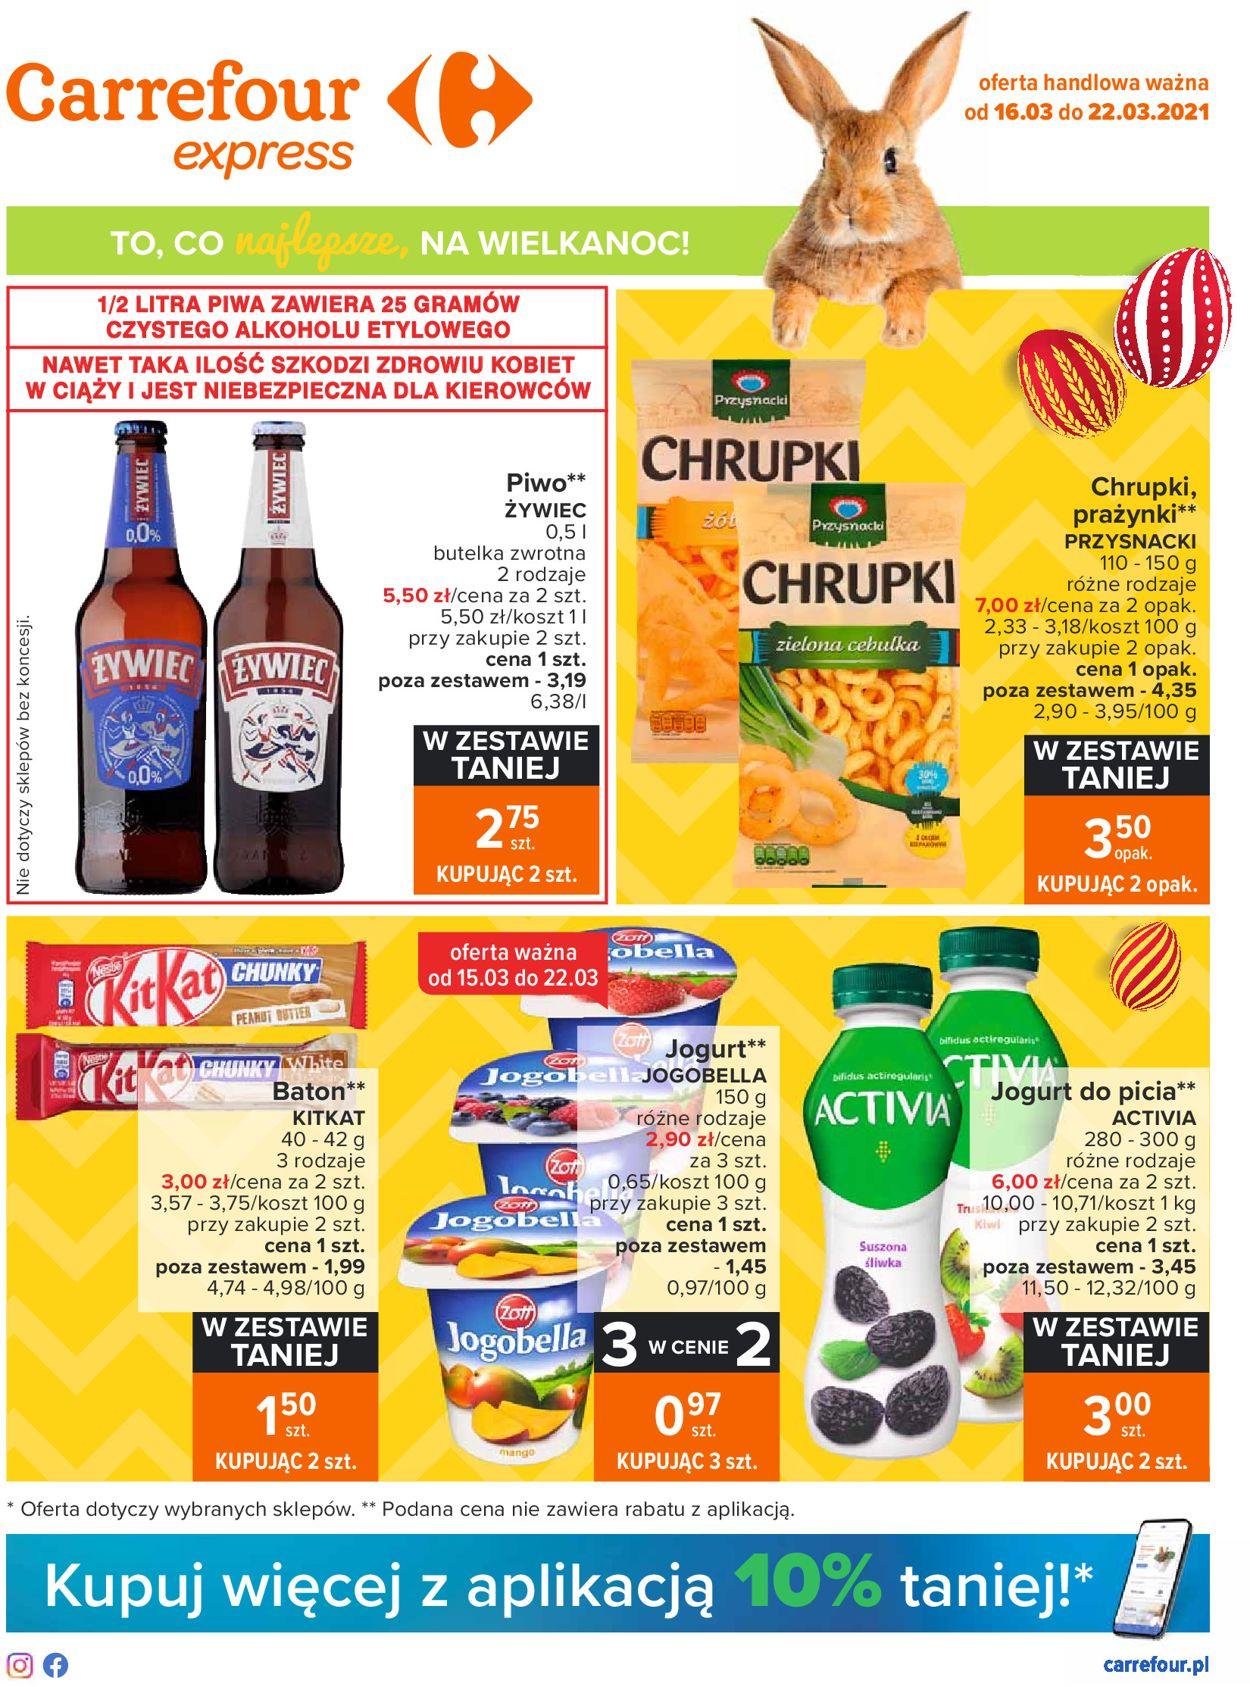 Gazetka promocyjna Carrefour Wielkanoc 2021 - 16.03-22.03.2021